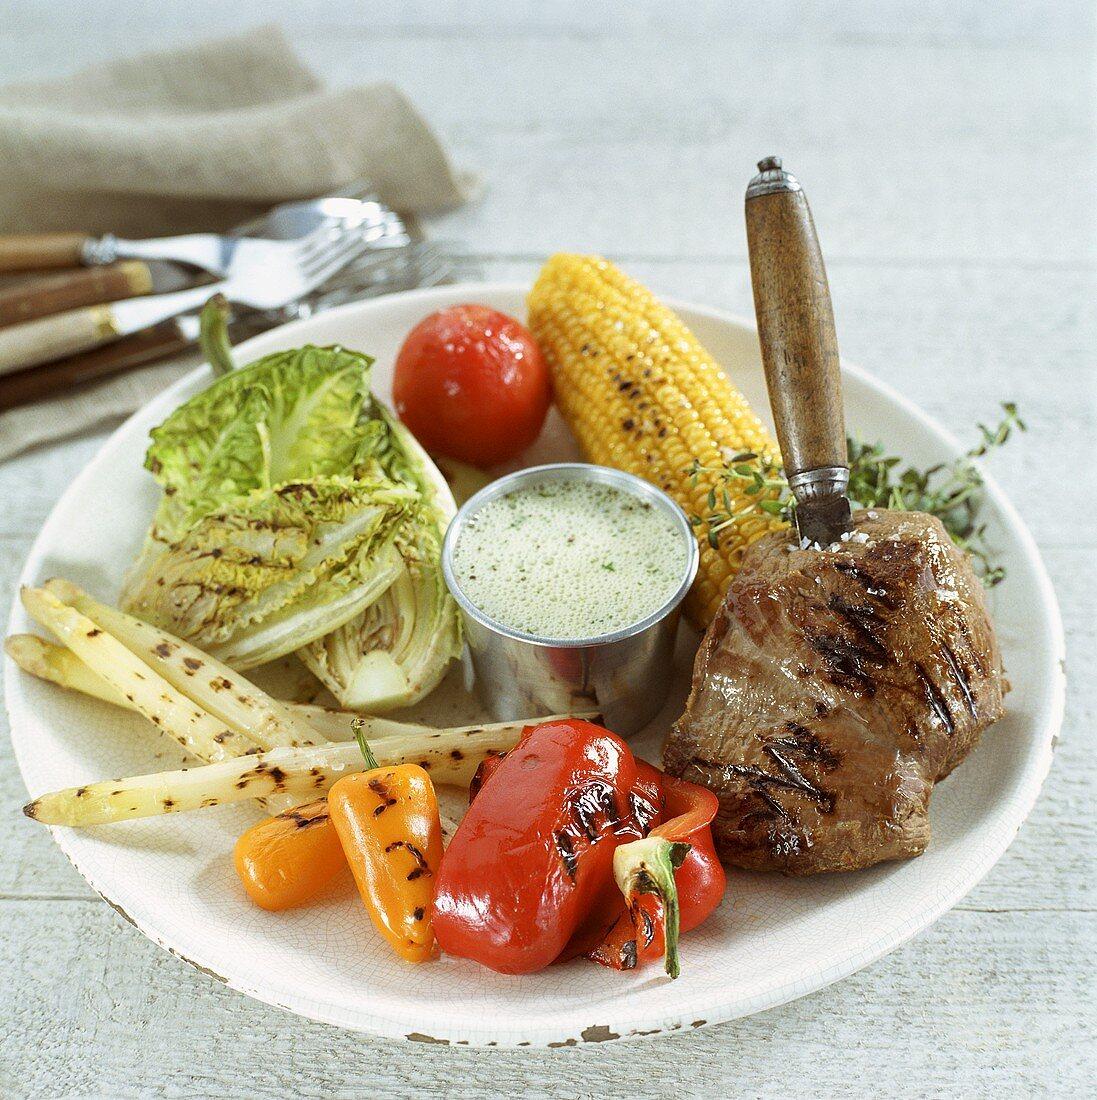 Grilled elk steak with vegetables